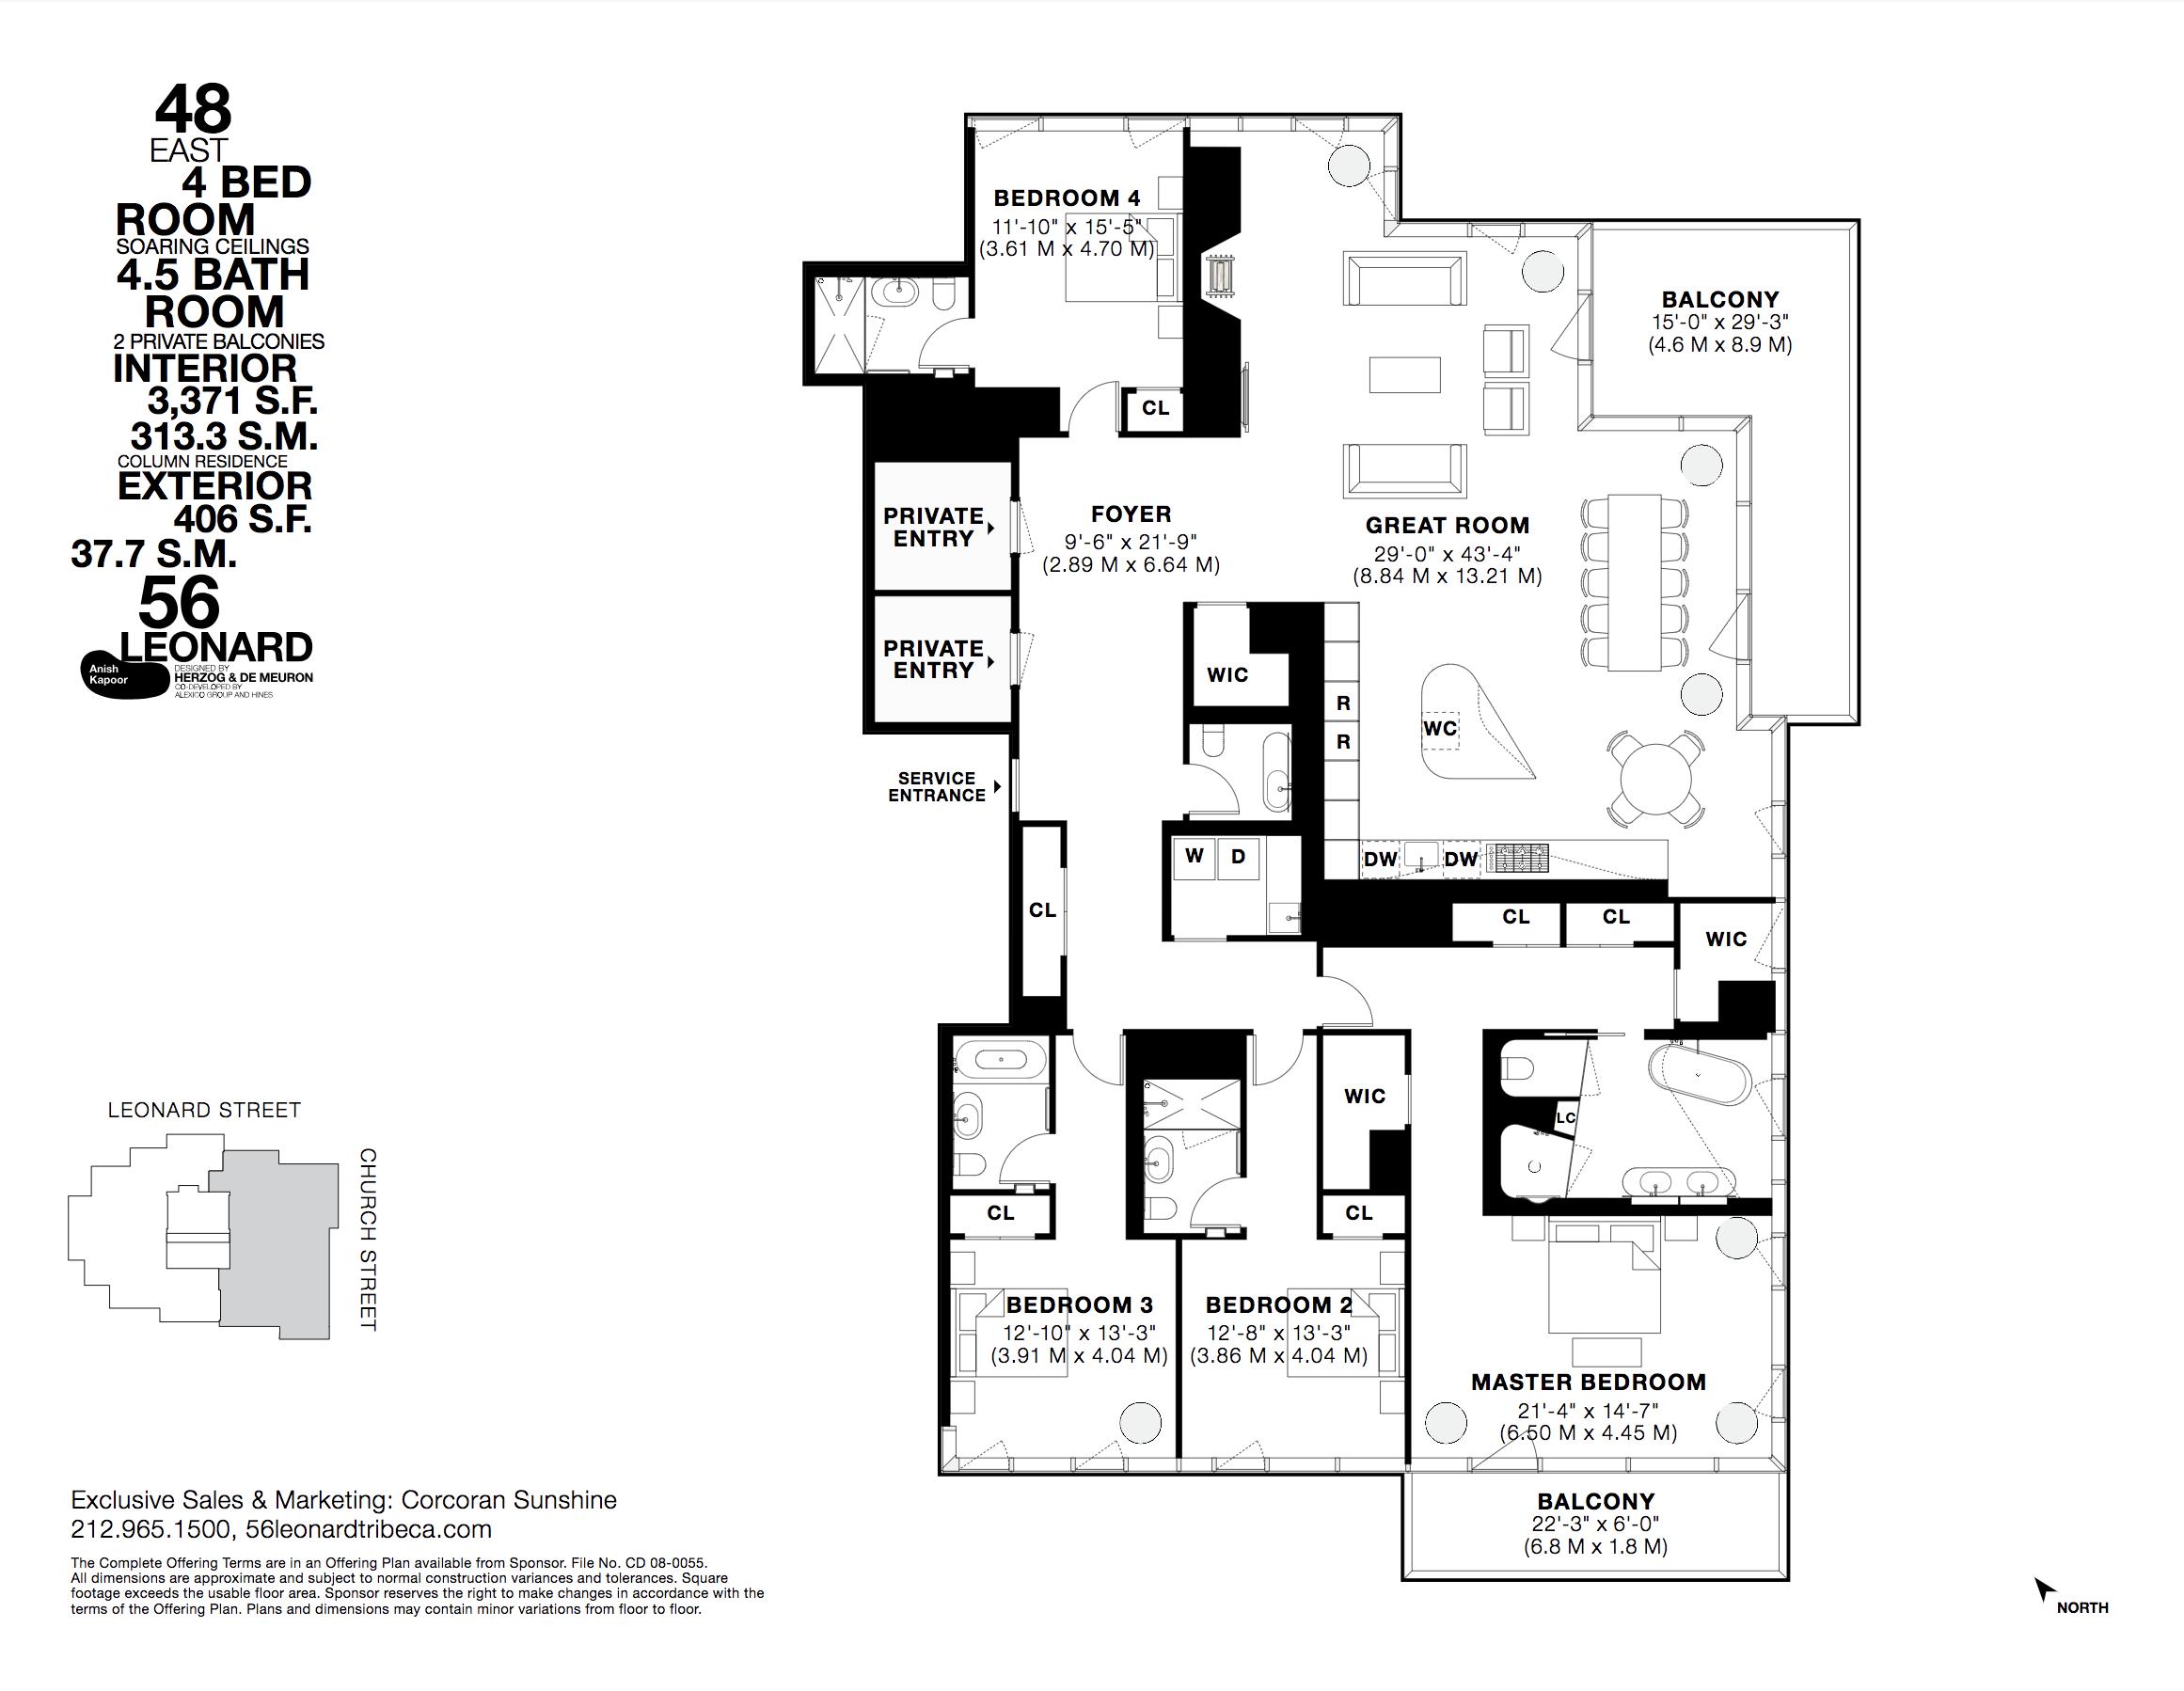 Pin By Akoya Saionji On 56 Leonard Floorplans Floor Plans Leonard Street Bedroom Sale